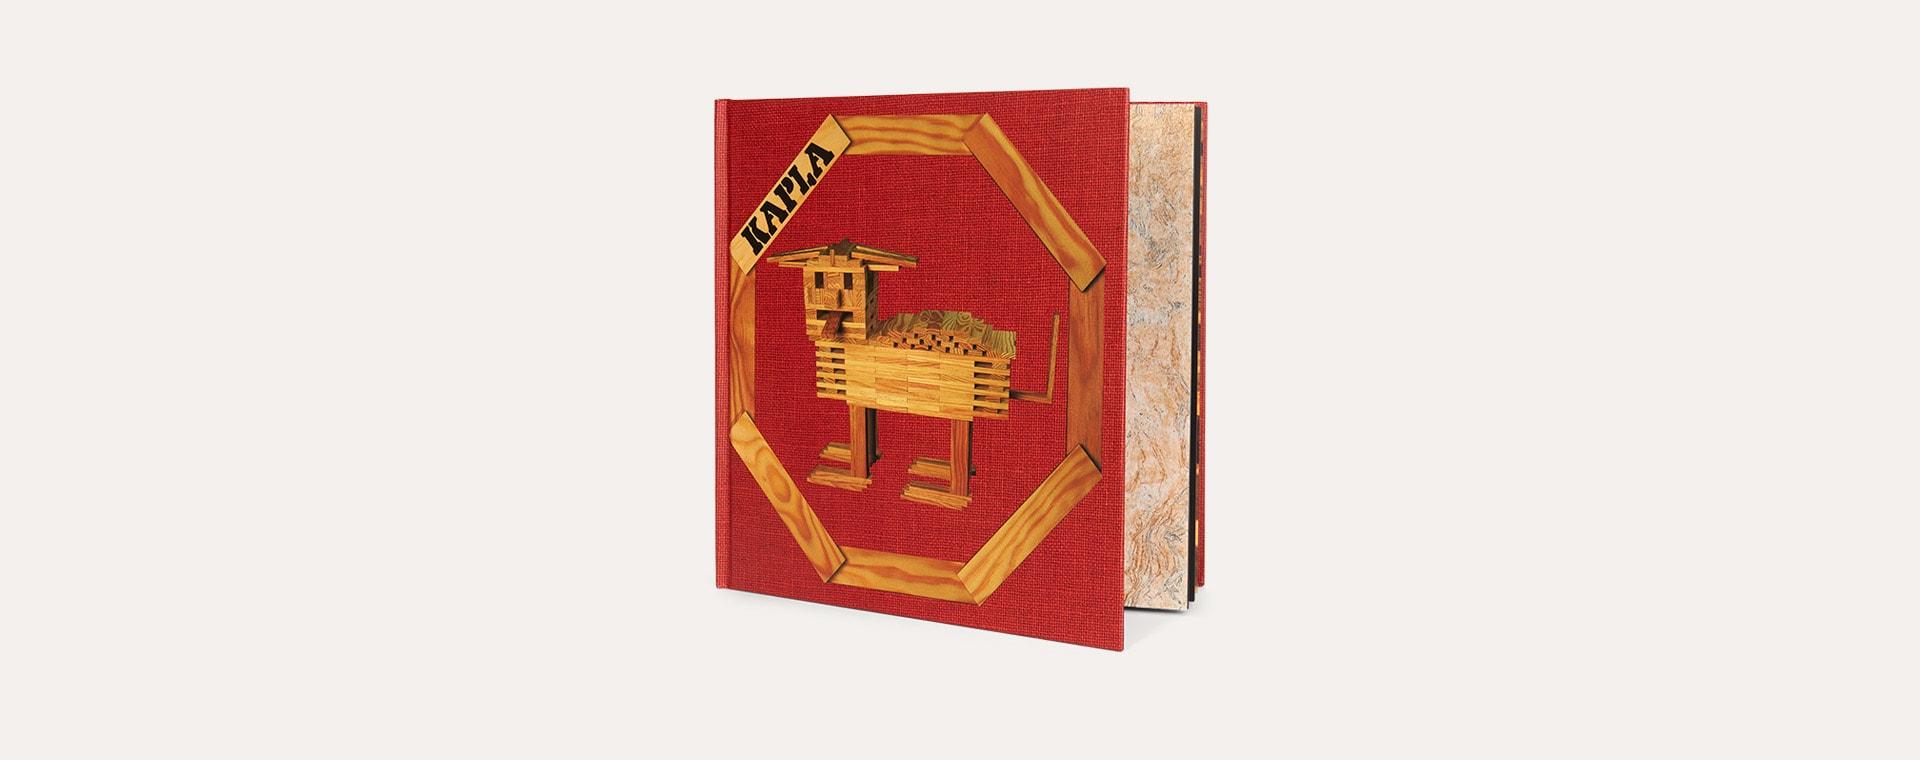 Neutral kapla Building Set - 280 Pieces Box